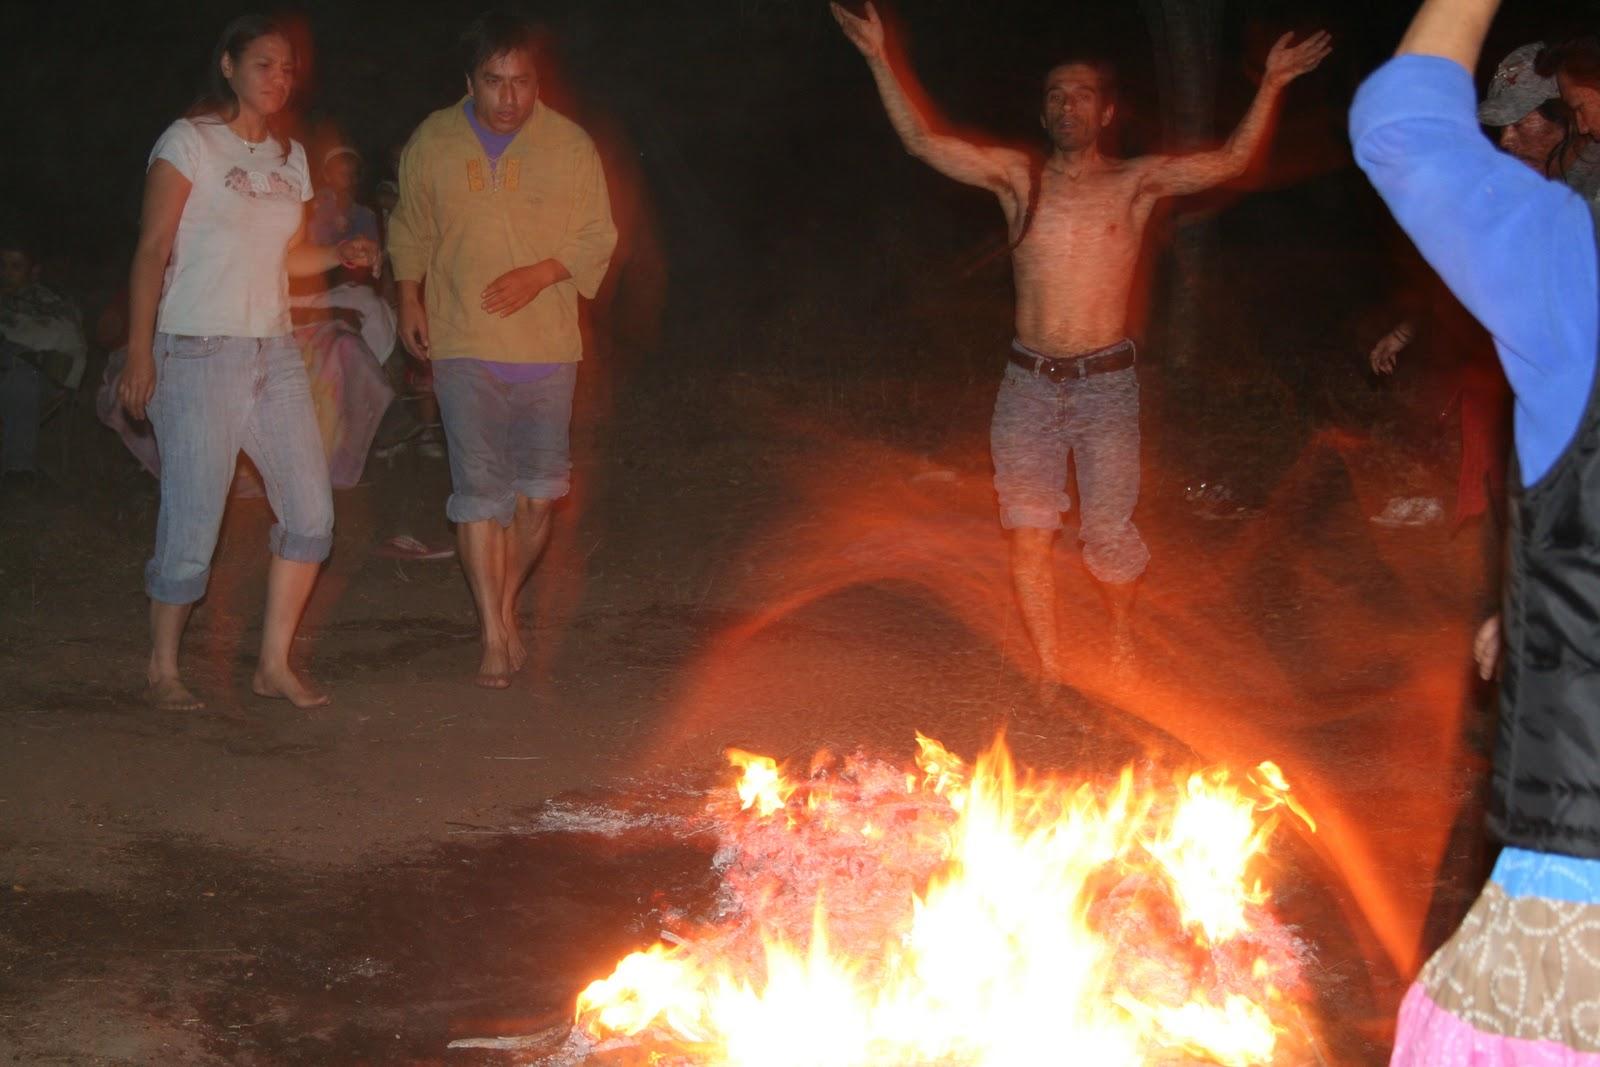 Caminando Sobre Fuego Caminando Sobre el Fuego es